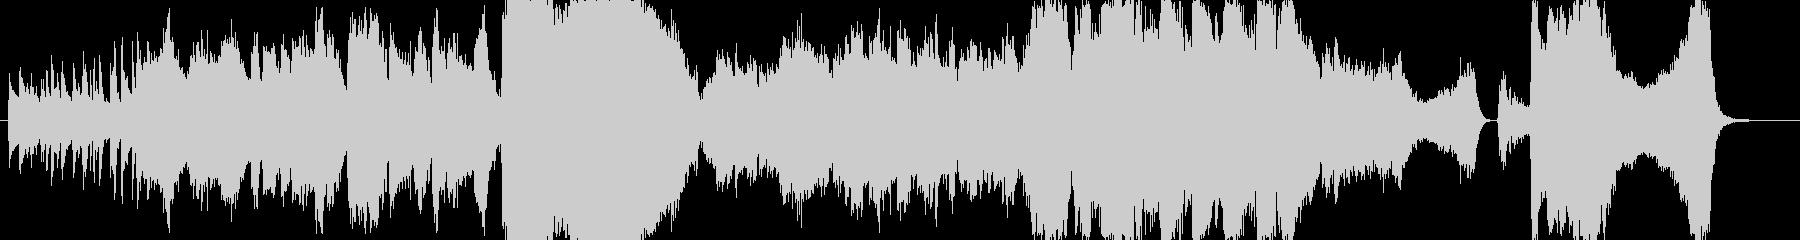 サックスとクラの生演奏ジャズワルツの未再生の波形